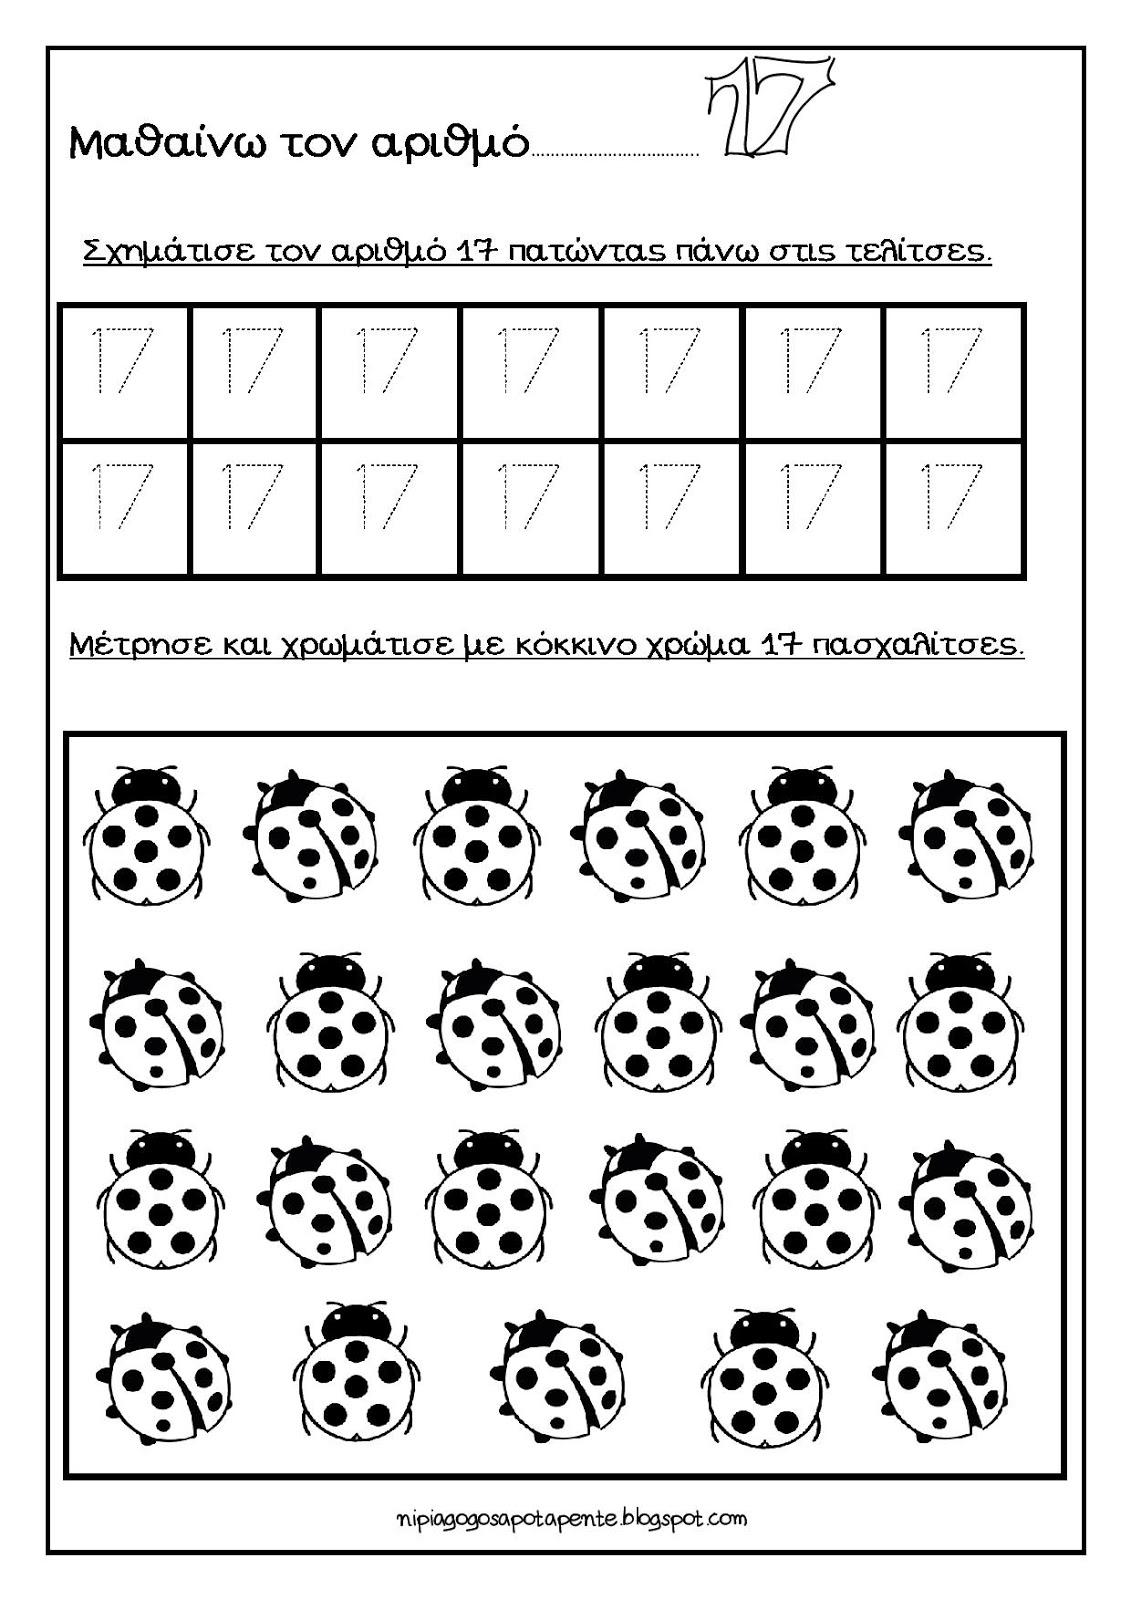 17 Number Preschool Worksheet